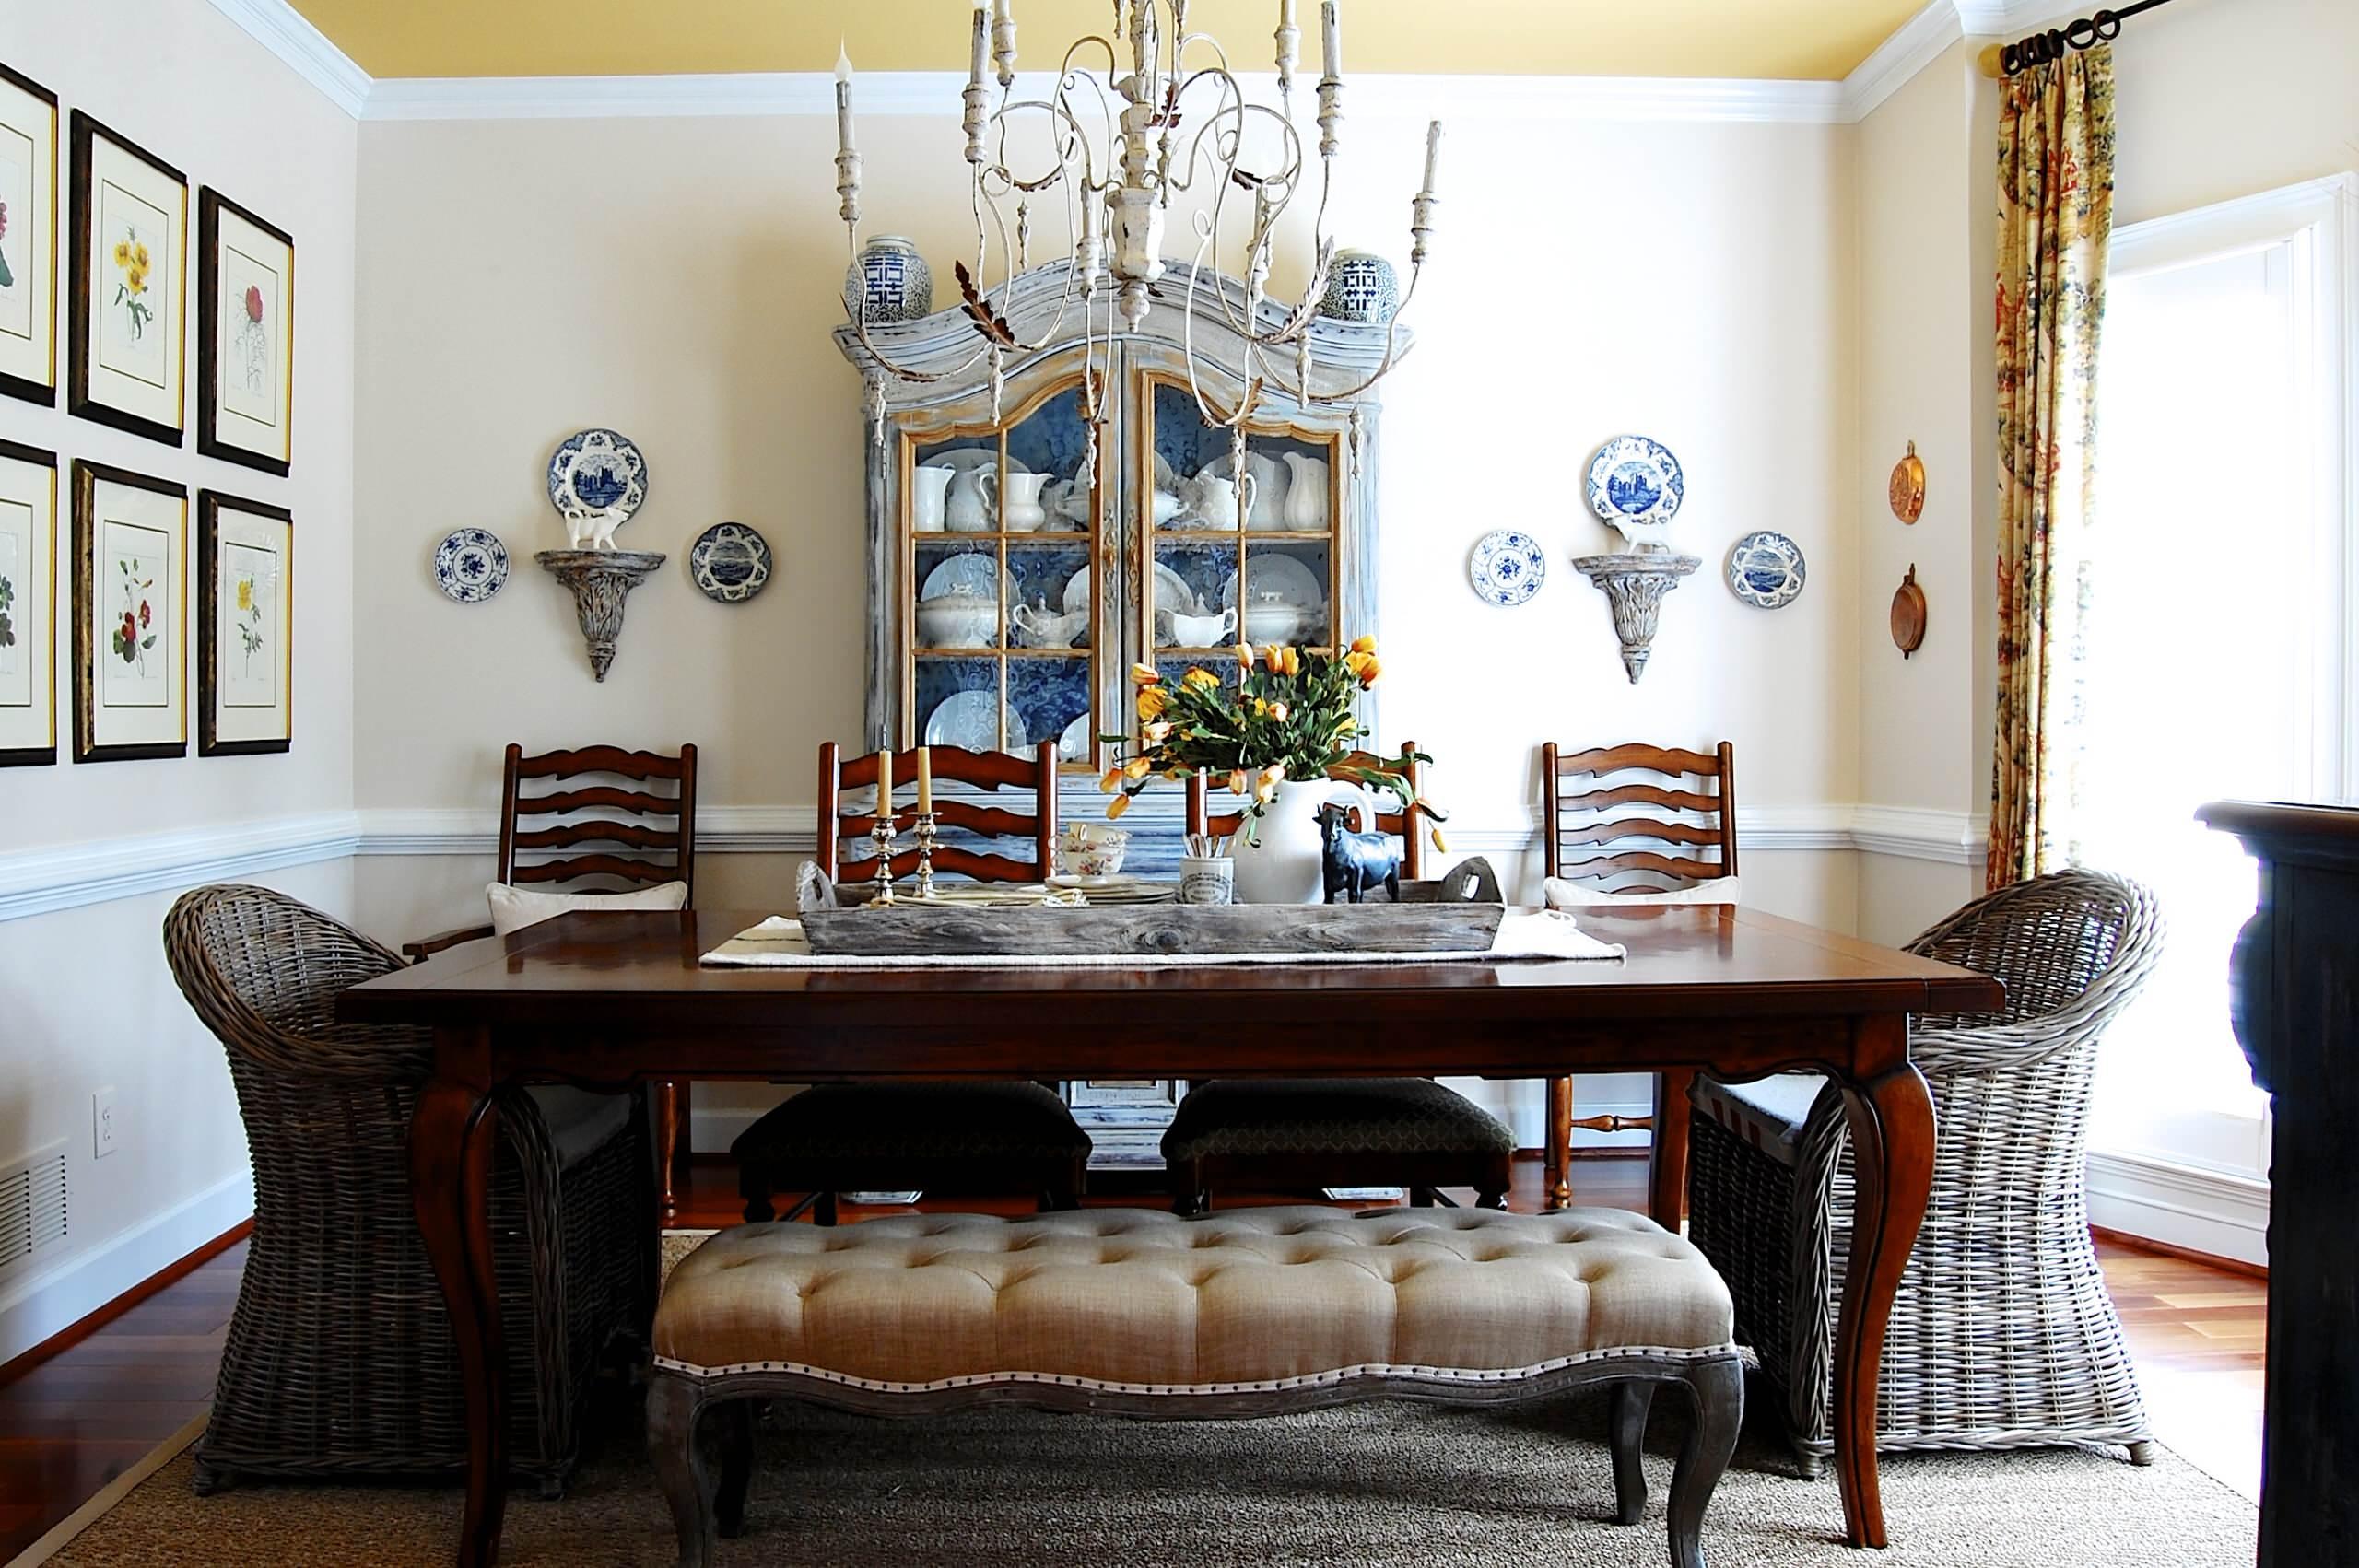 Гармоничное сочетание различных предметов декора в интерьере столовой